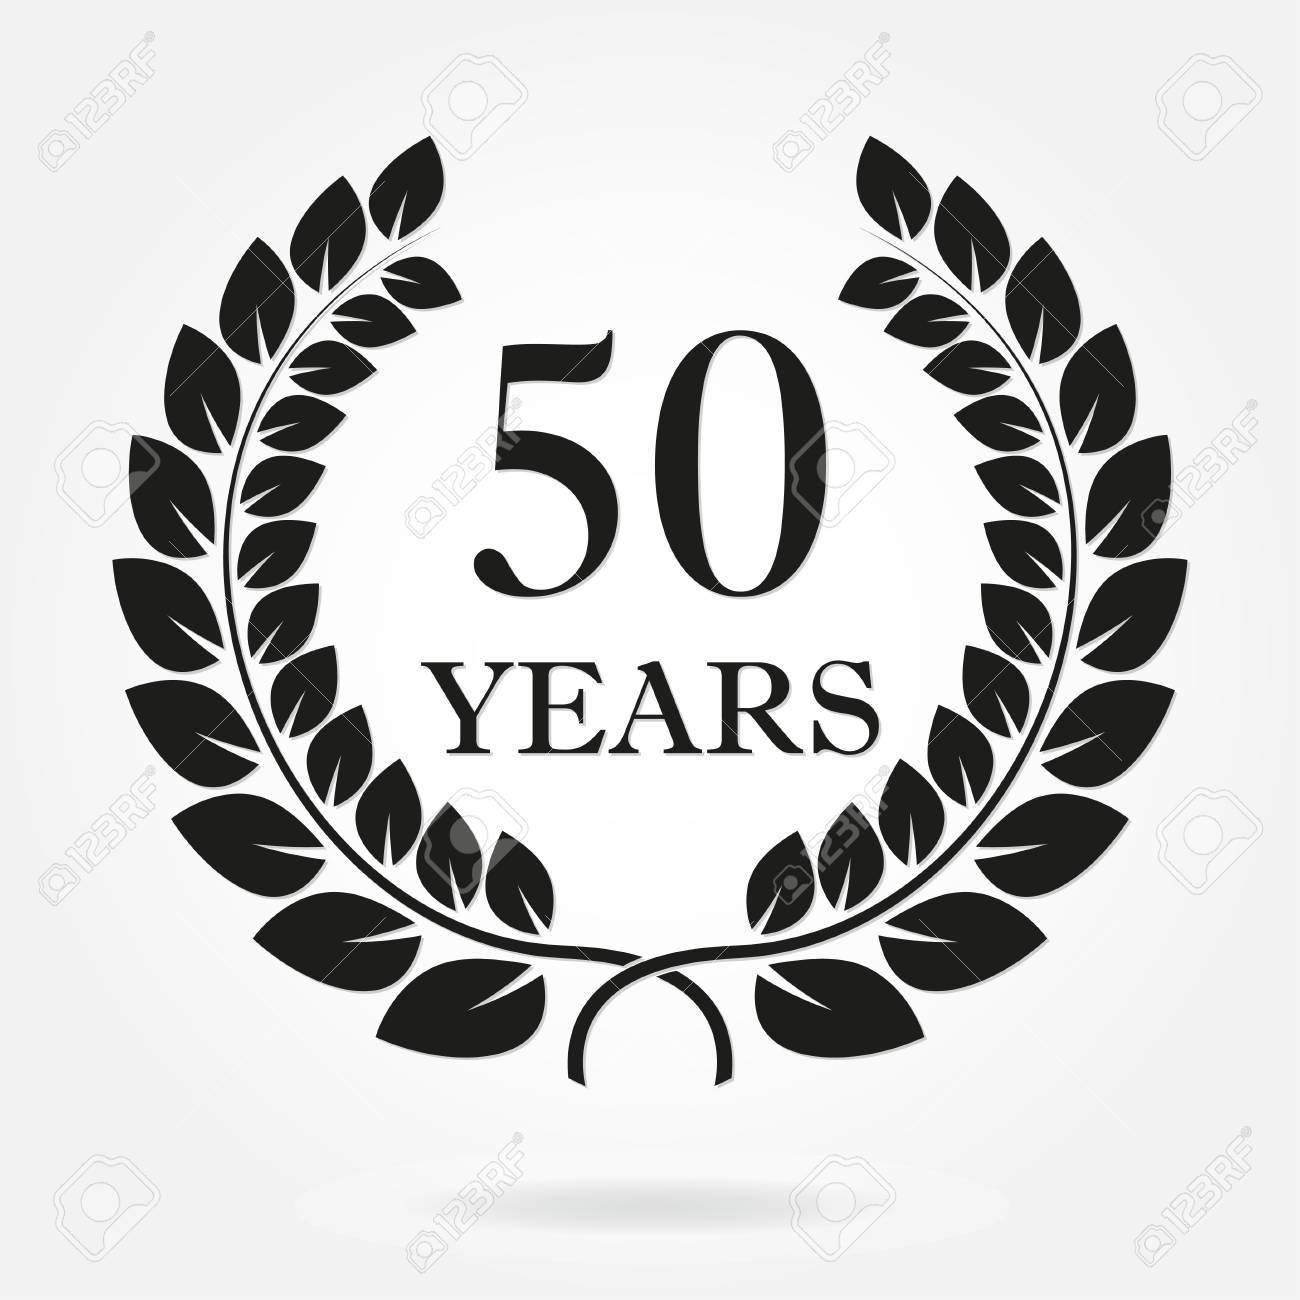 50 years anniversary laurel